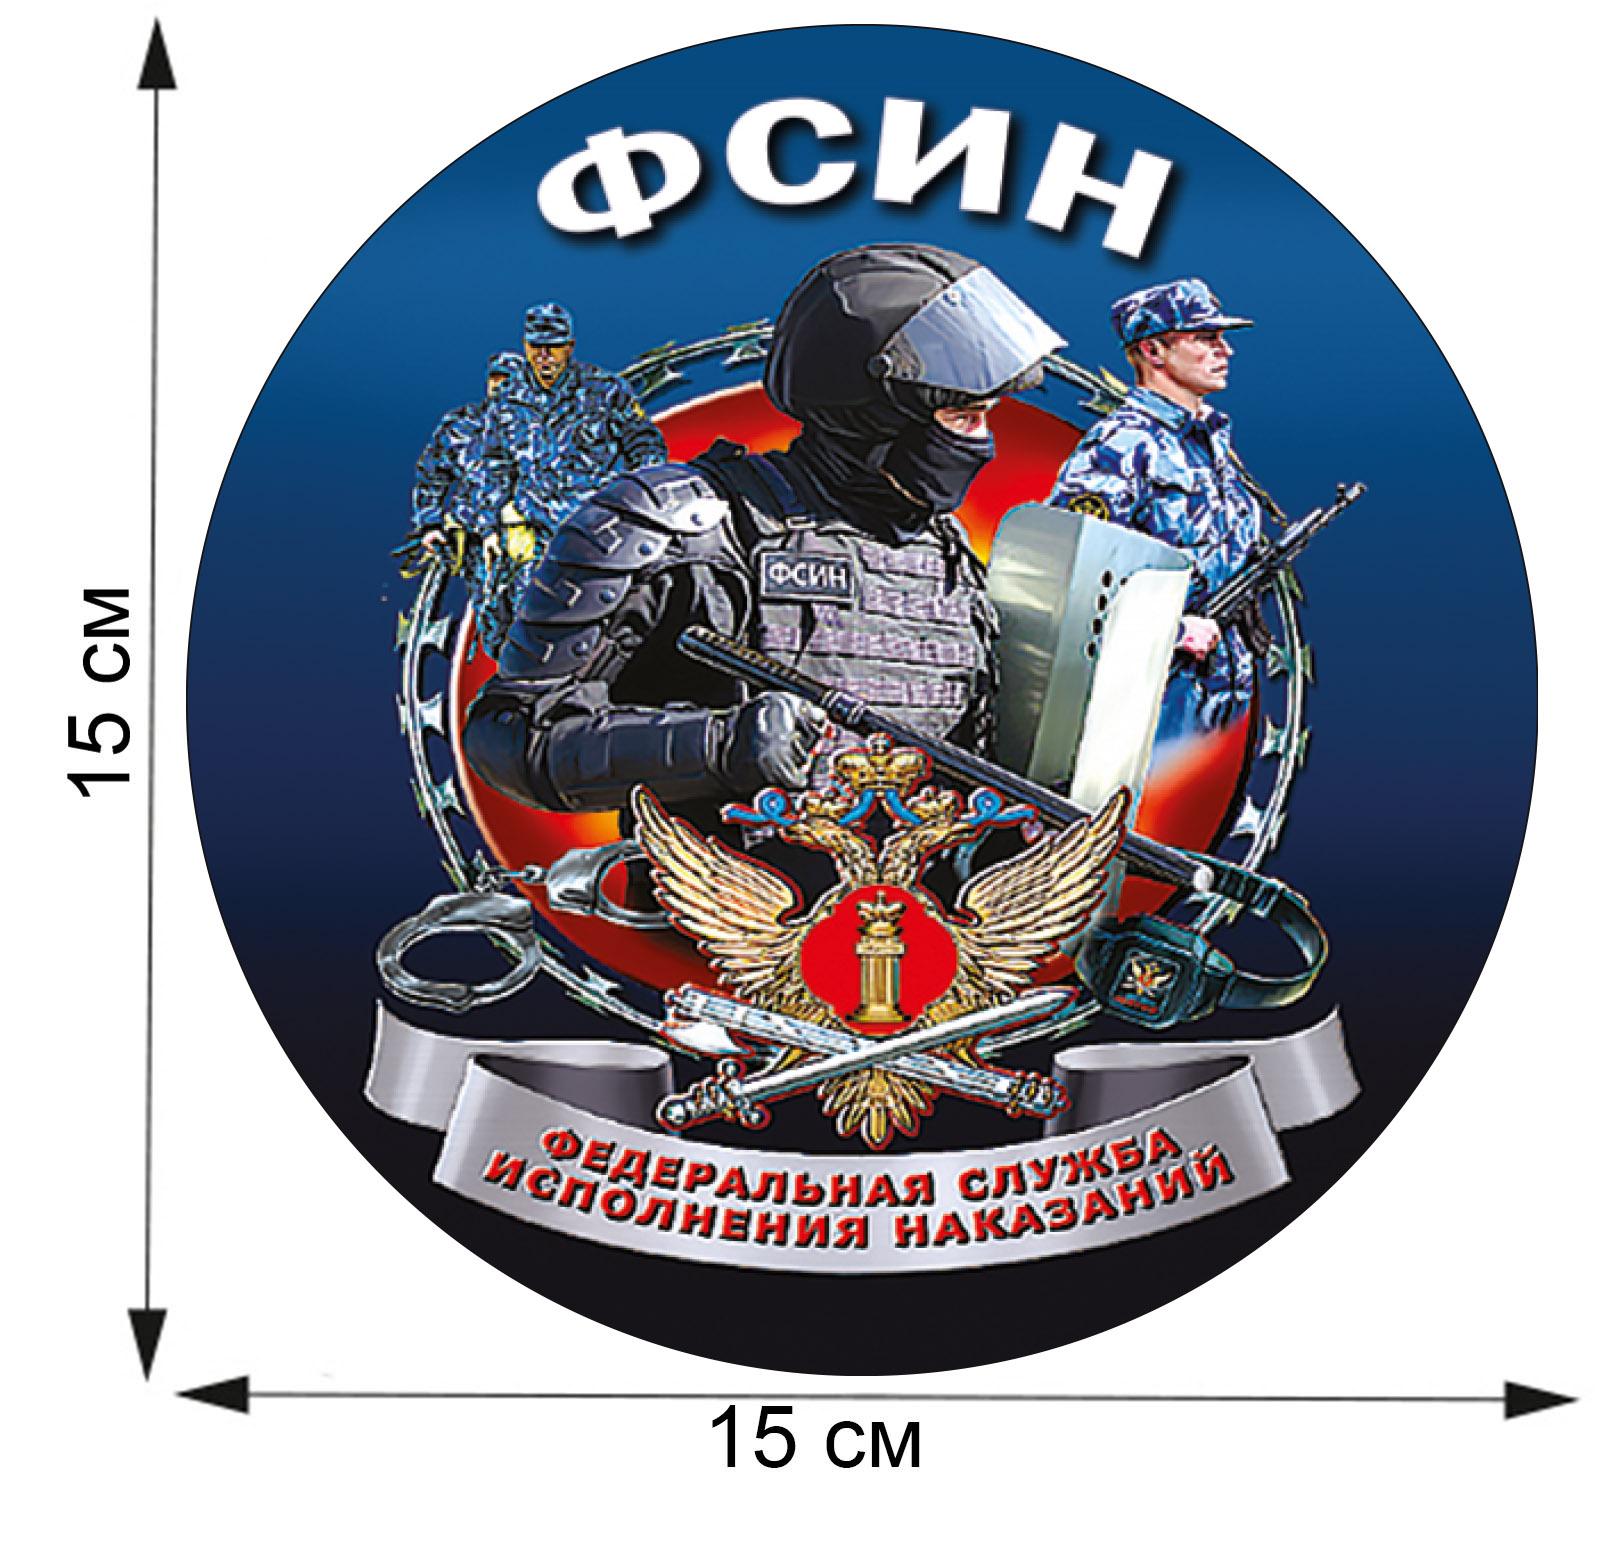 Презентабельная авторская наклейка сотруднику ФСИН